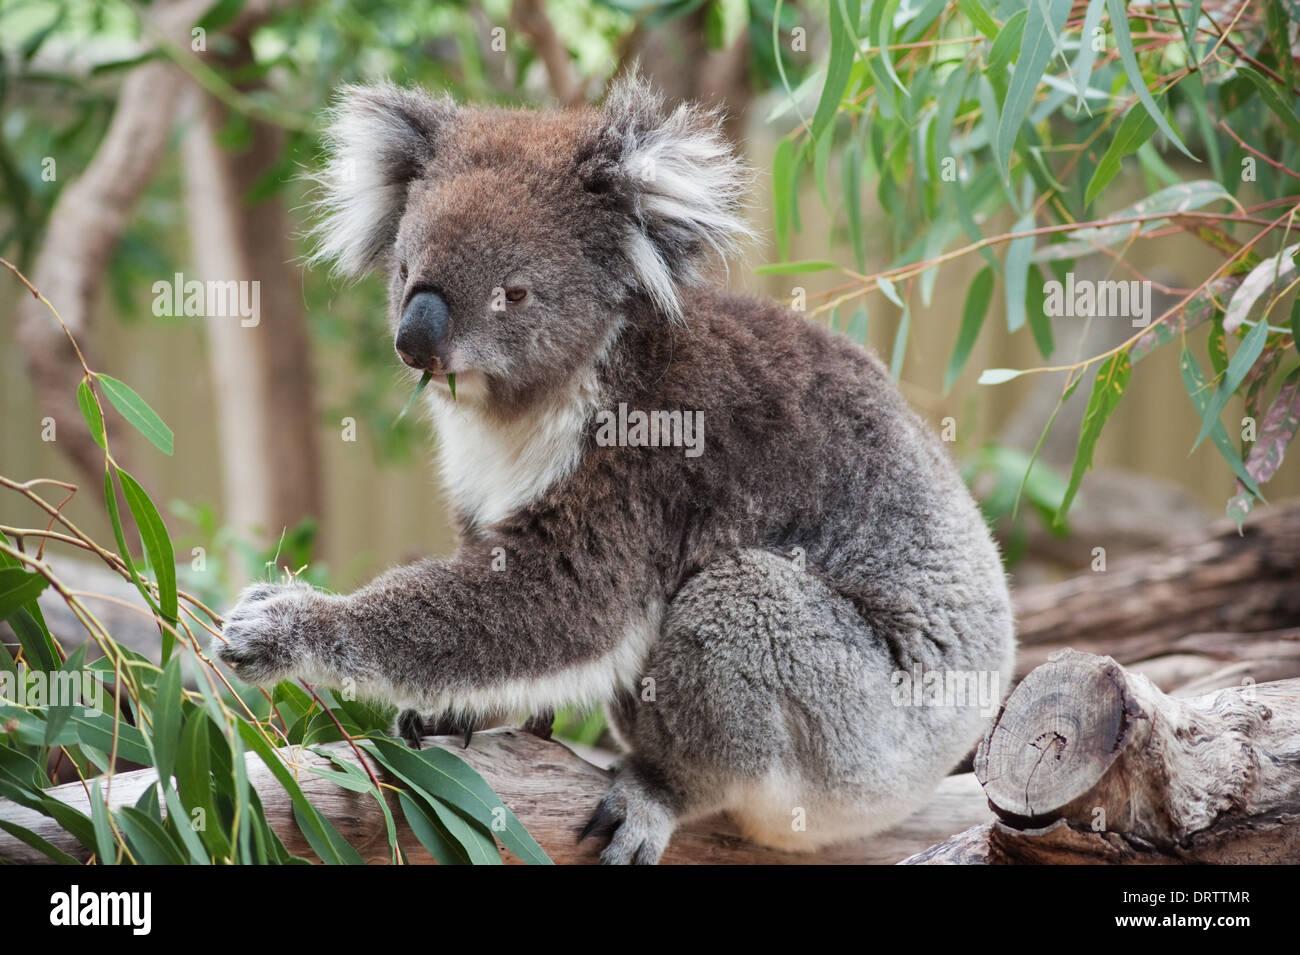 native australian koala bear eating eucalyptus leaves stock photo